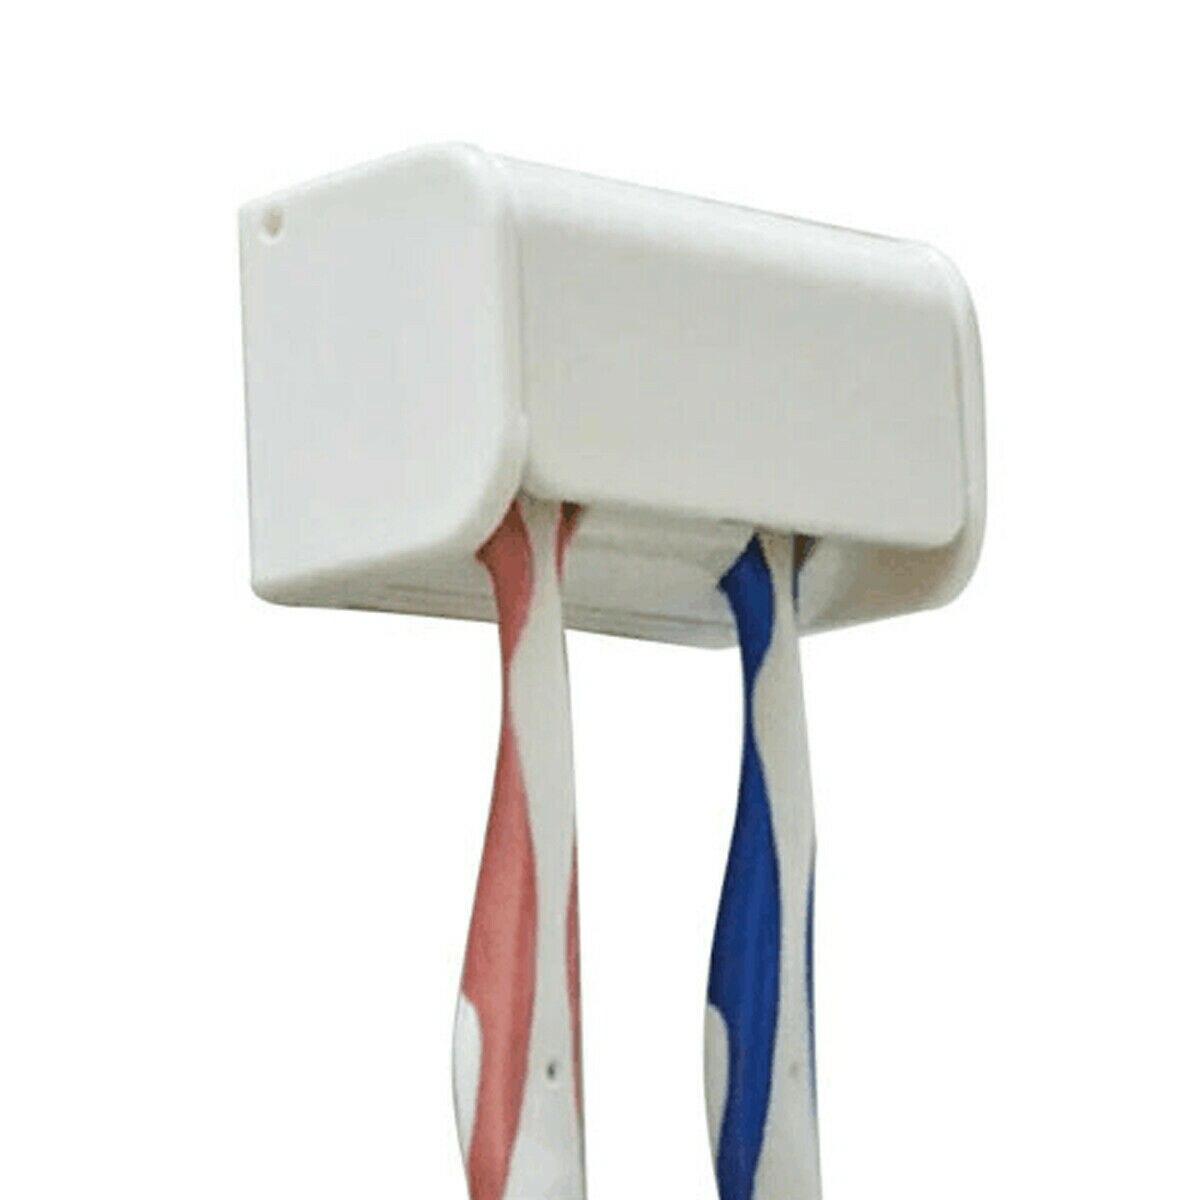 Nuevo práctico cepillo de dientes Spinbrush automático montaje en pared soporte estante de baño Anti-polvo conjunto